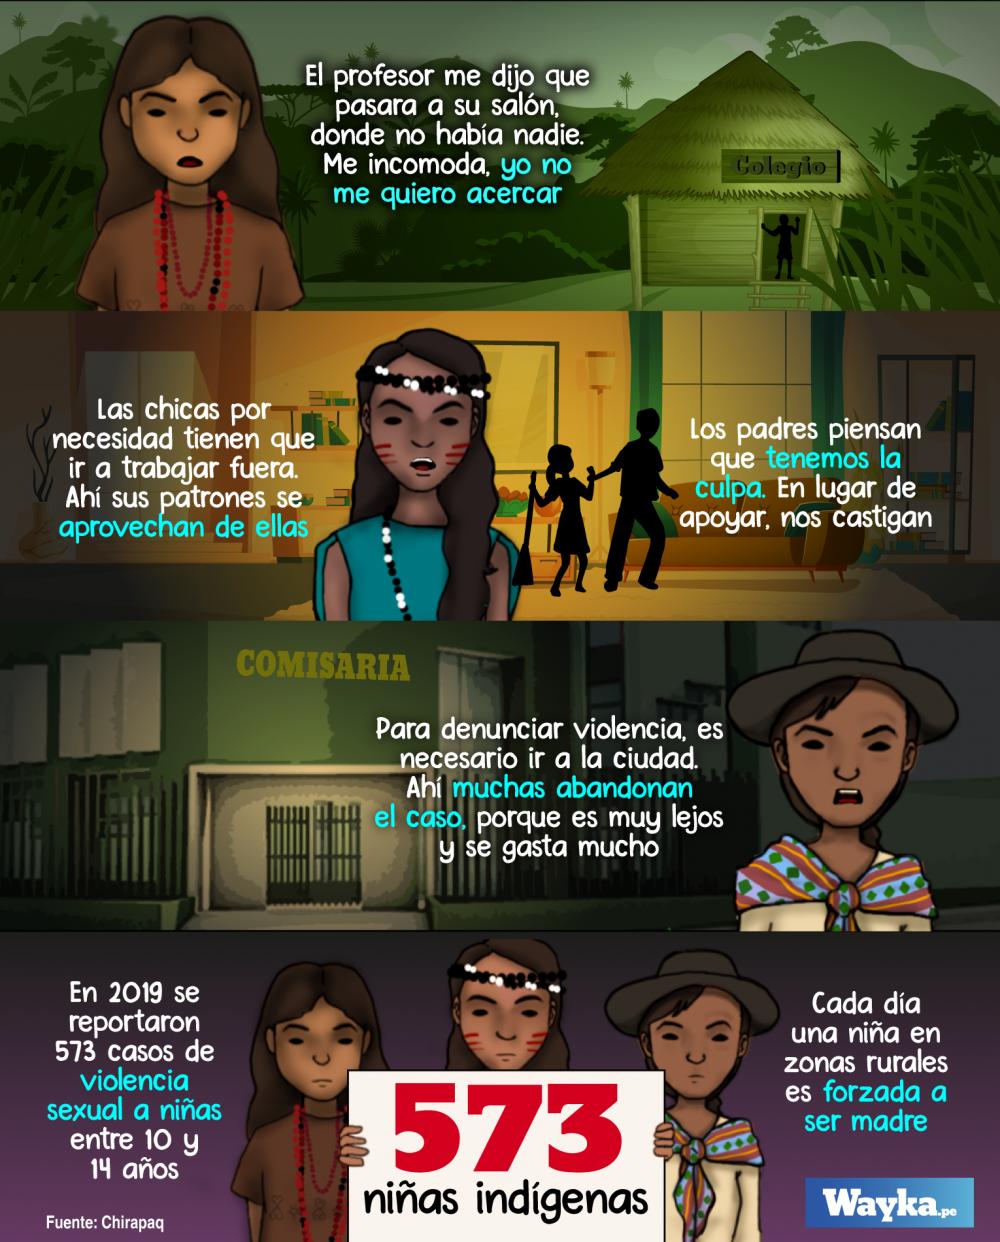 violencia niñas indígenas